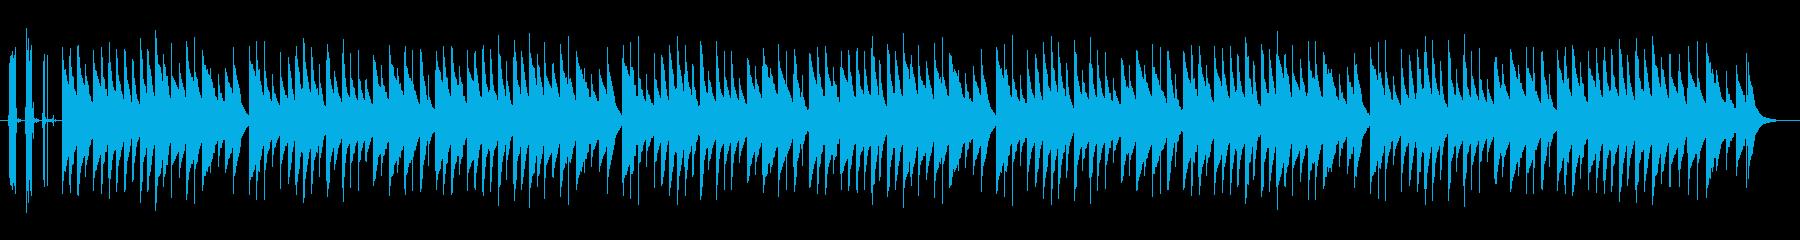 童謡☆赤とんぼ☆リアルオルゴールの再生済みの波形